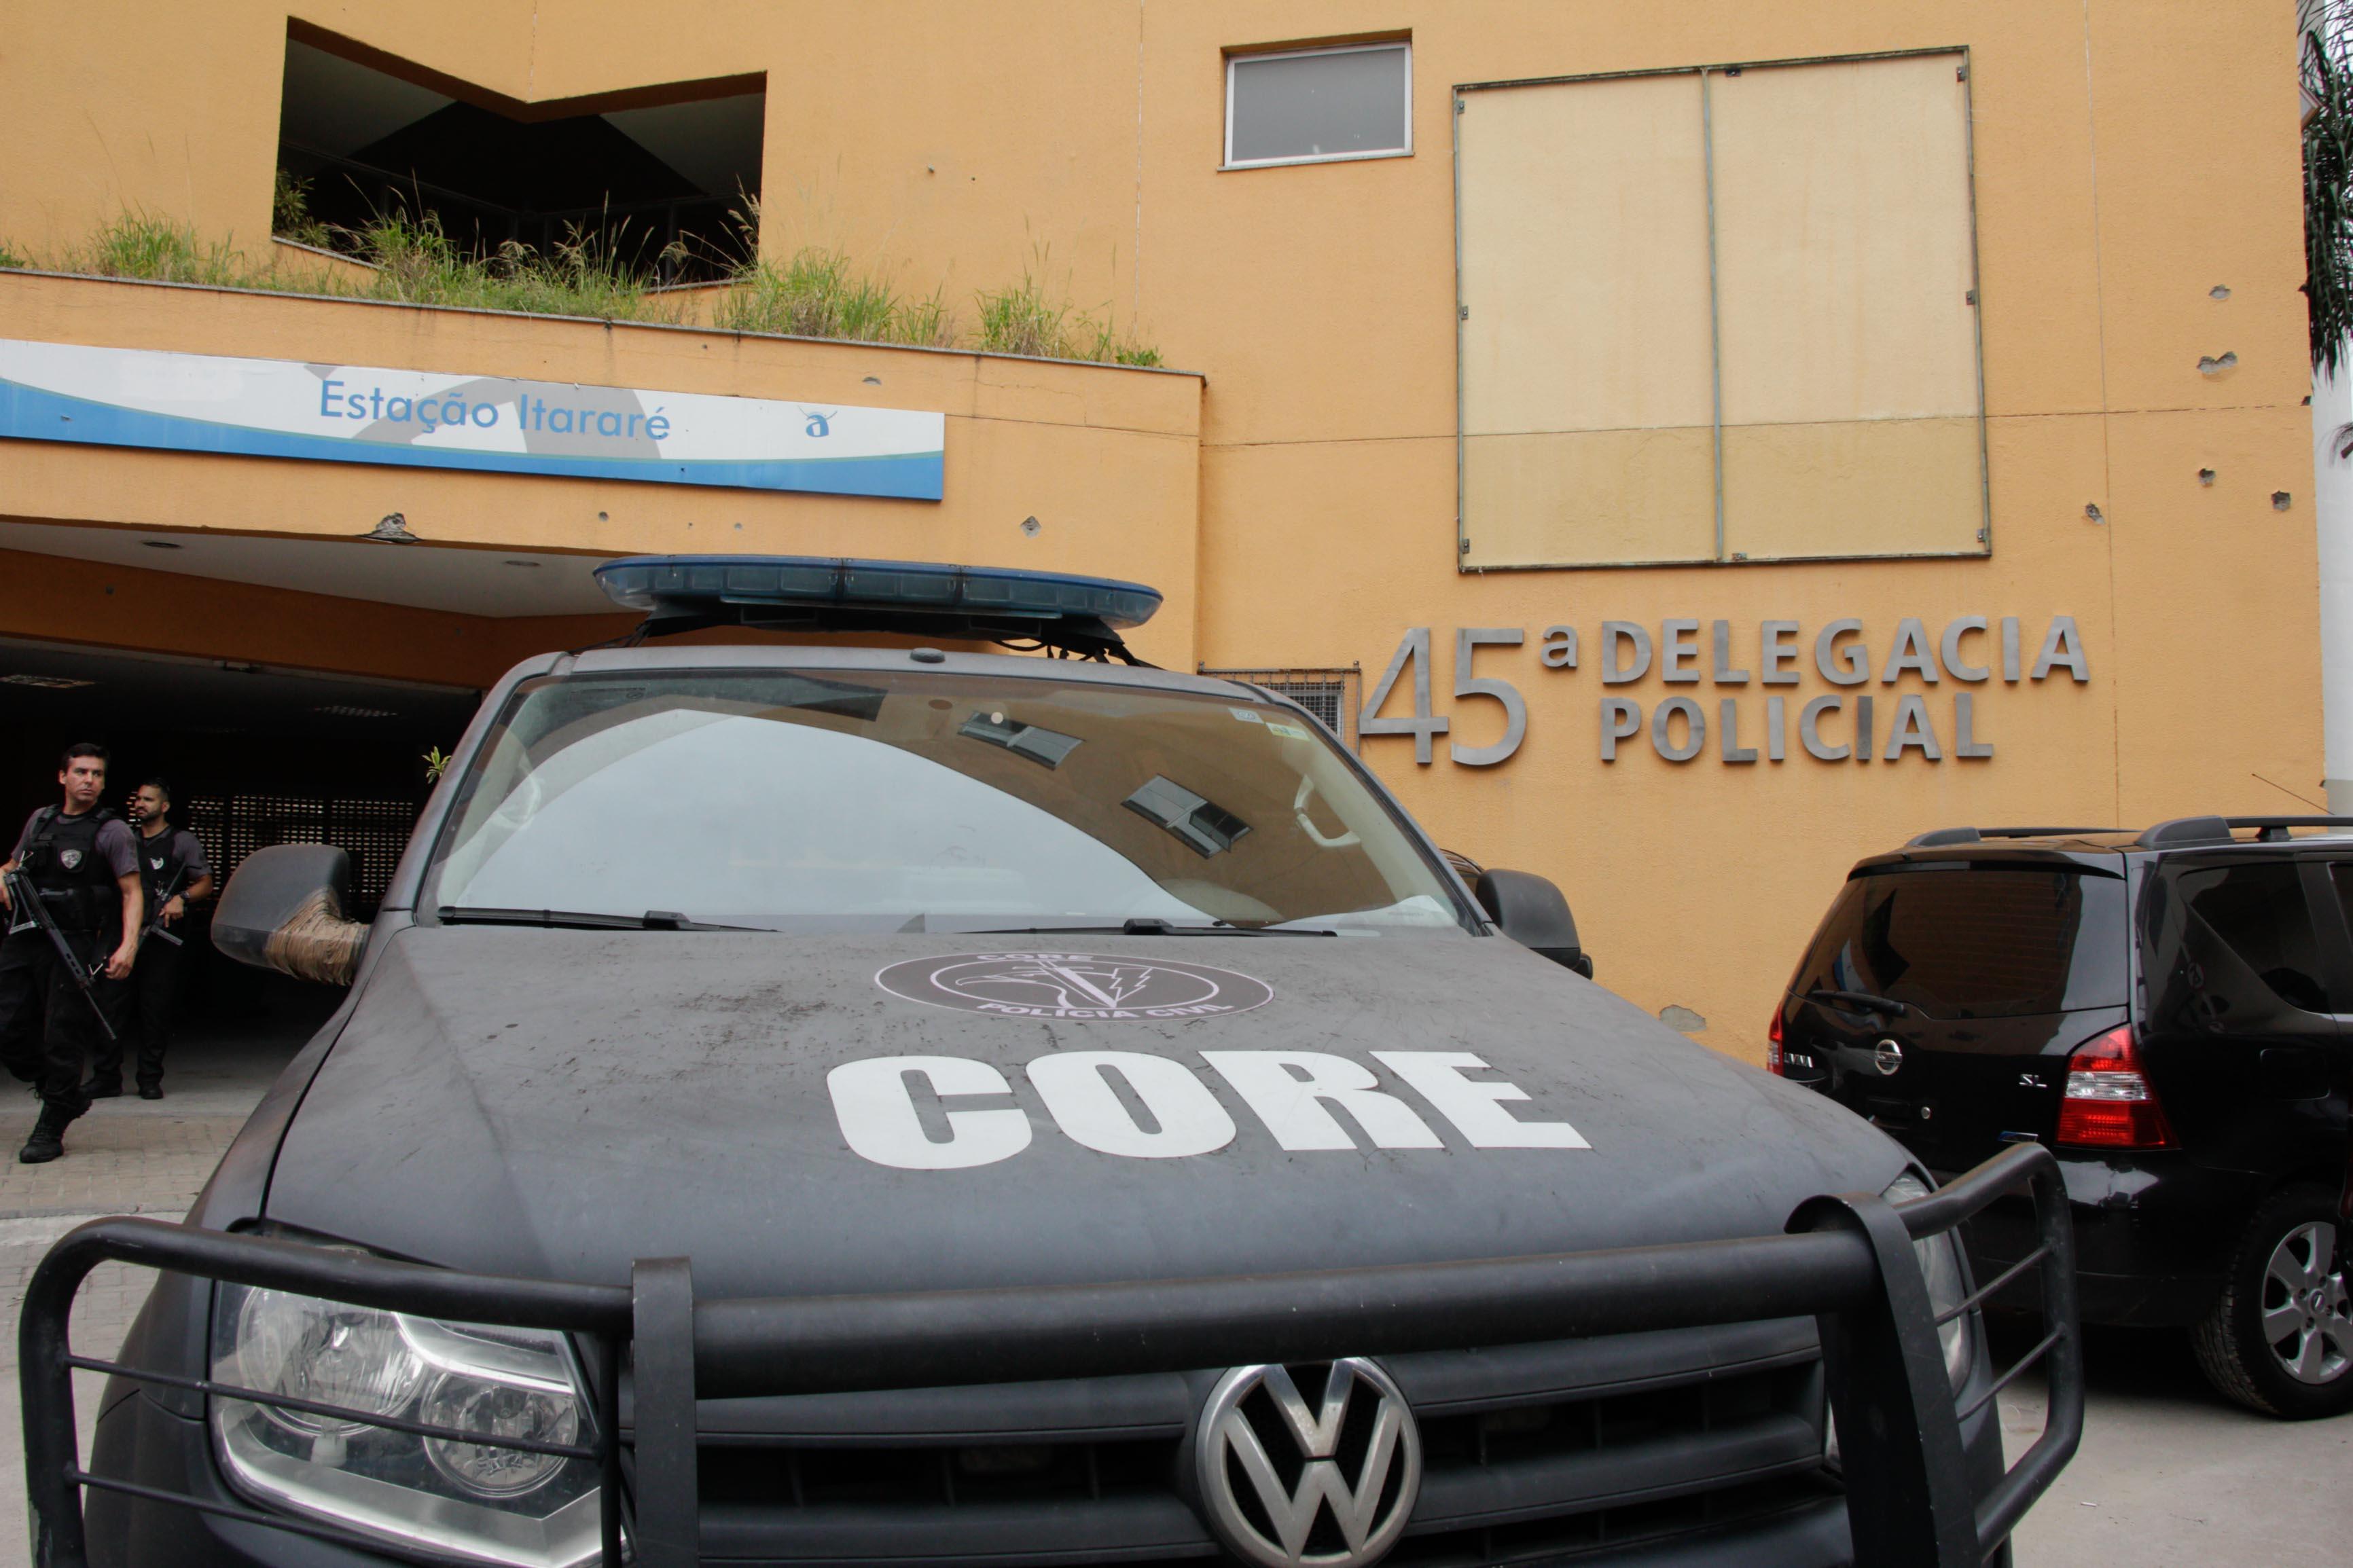 Divisão de Homicídios realiza reconstituição da morte de vigilante em delegacia no Alemão